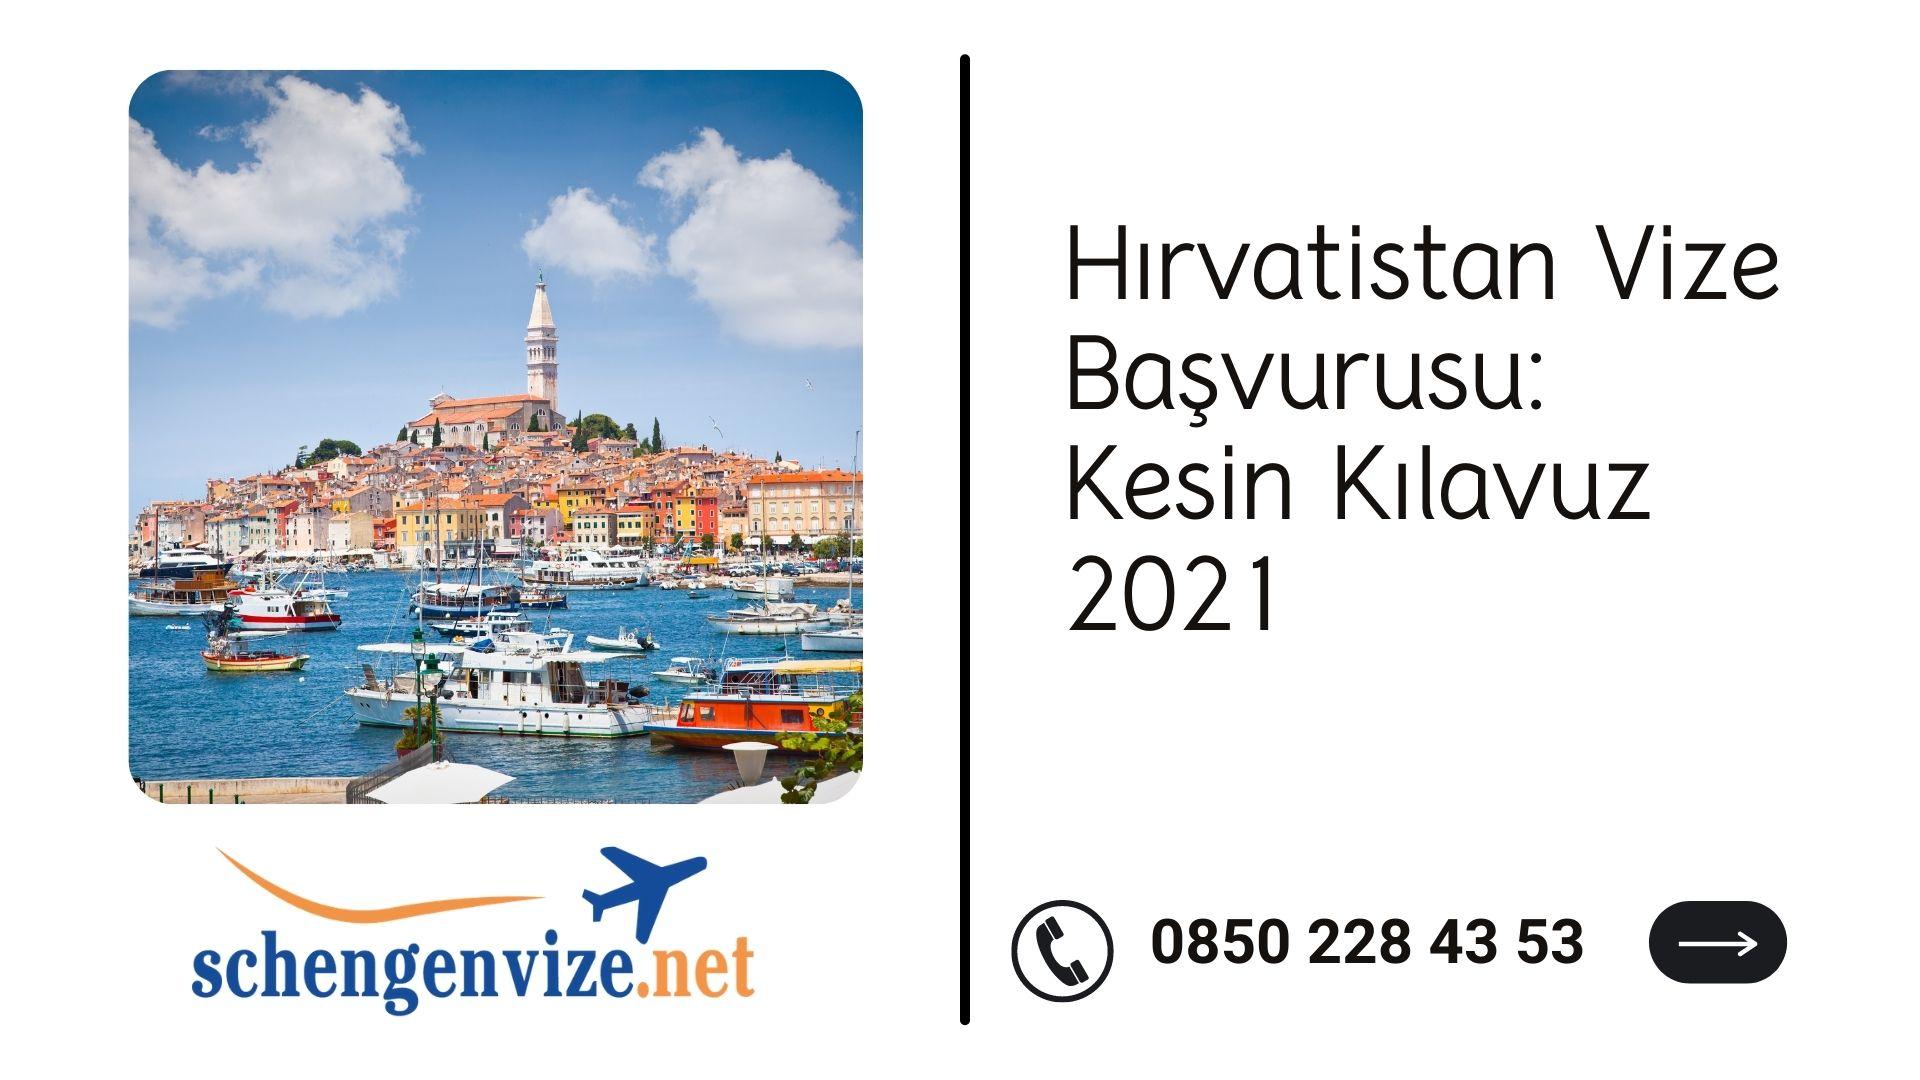 Hırvatistan Vize Başvurusu: Kesin Kılavuz 2021